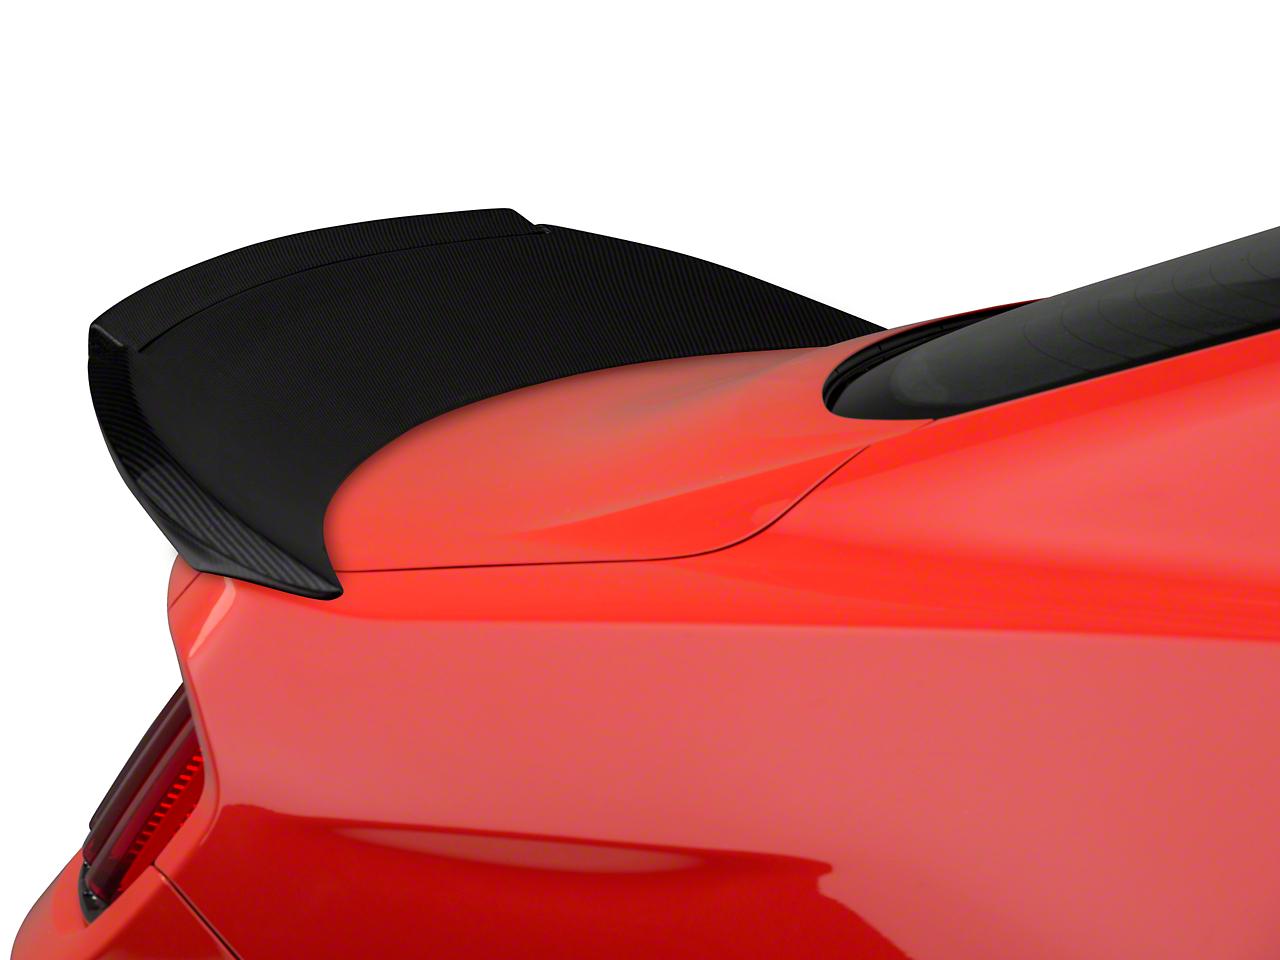 Trufiber Carbon Fiber Rear Spoiler w/ Gurney Flap - Fastback (15-17 GT, V6, EcoBoost)